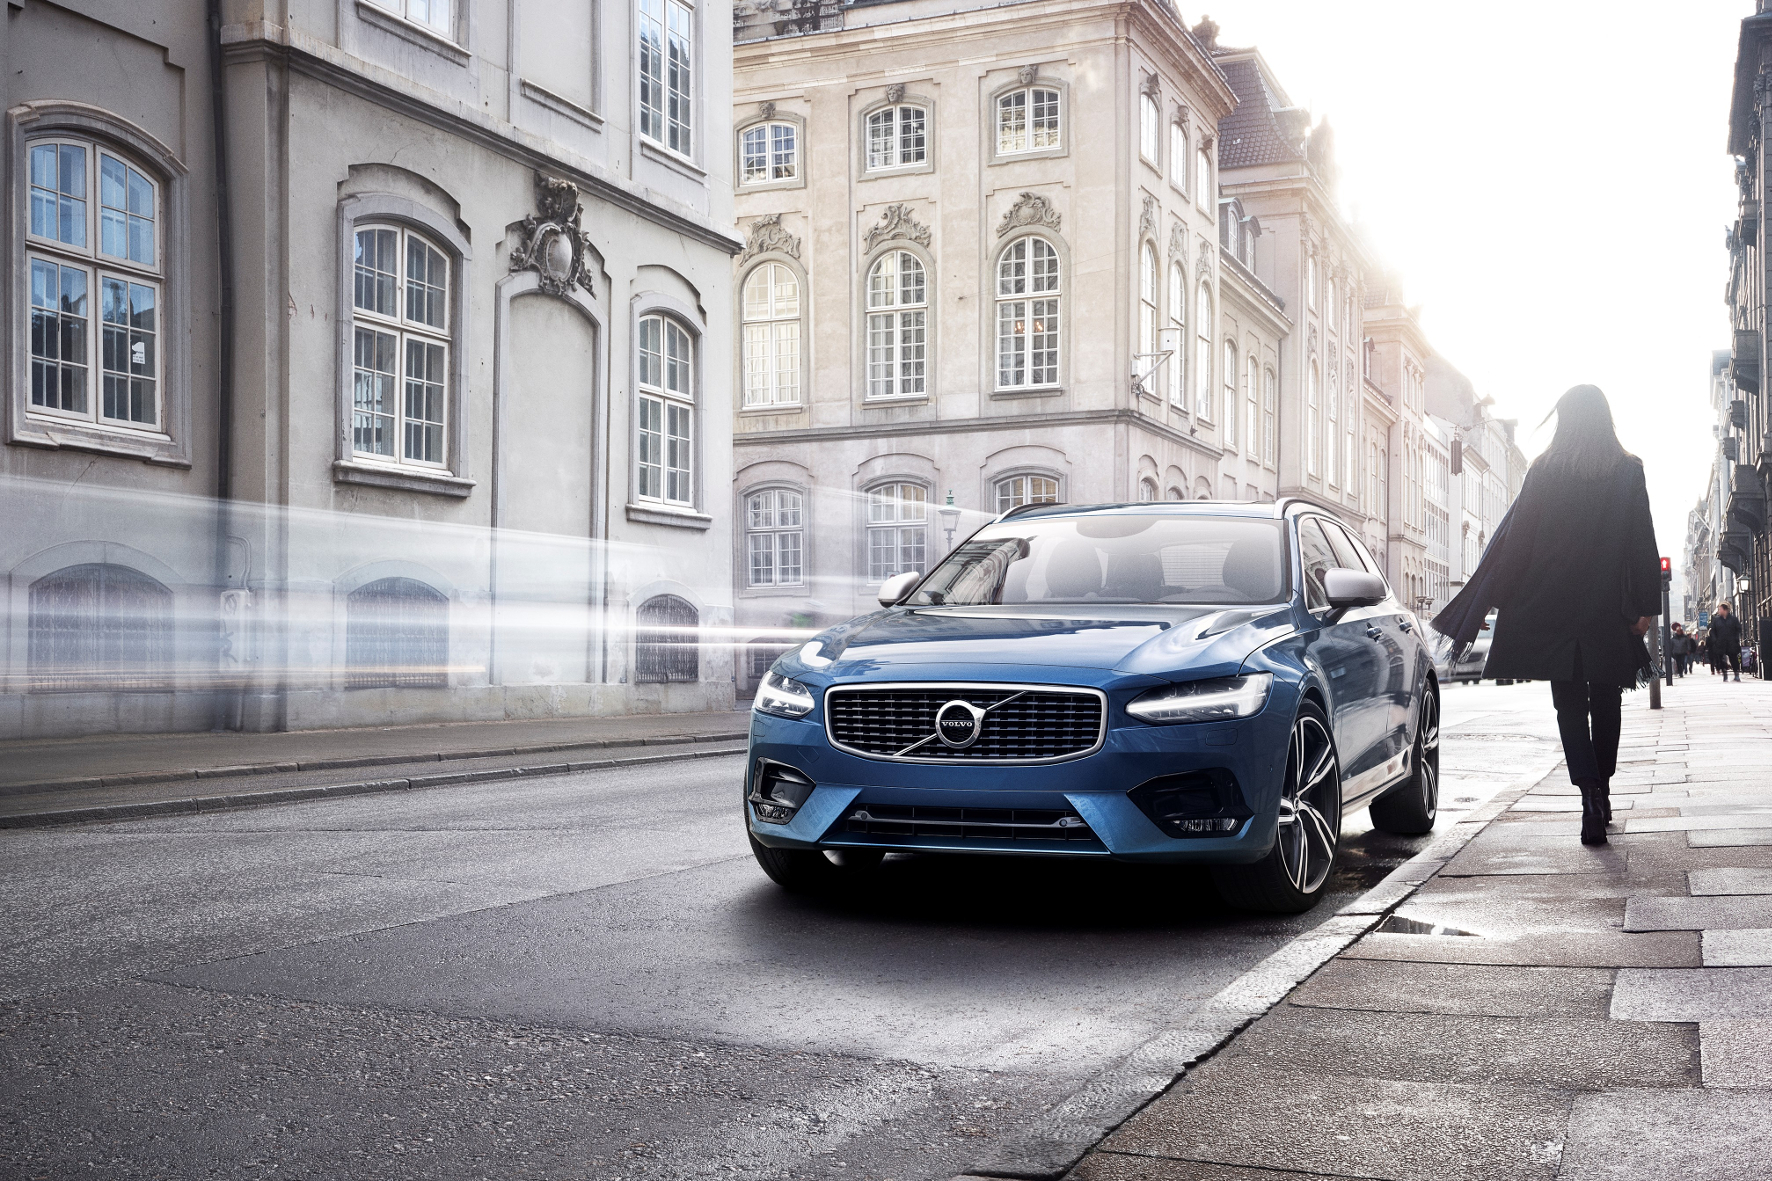 mid Groß-Gerau - Volvo bietet seine Oberklasse-Modelle der 90er-Baureihe ab dem Marktstart im Juli bzw. Herbst auch in der sportlichen R-Design-Variante an.